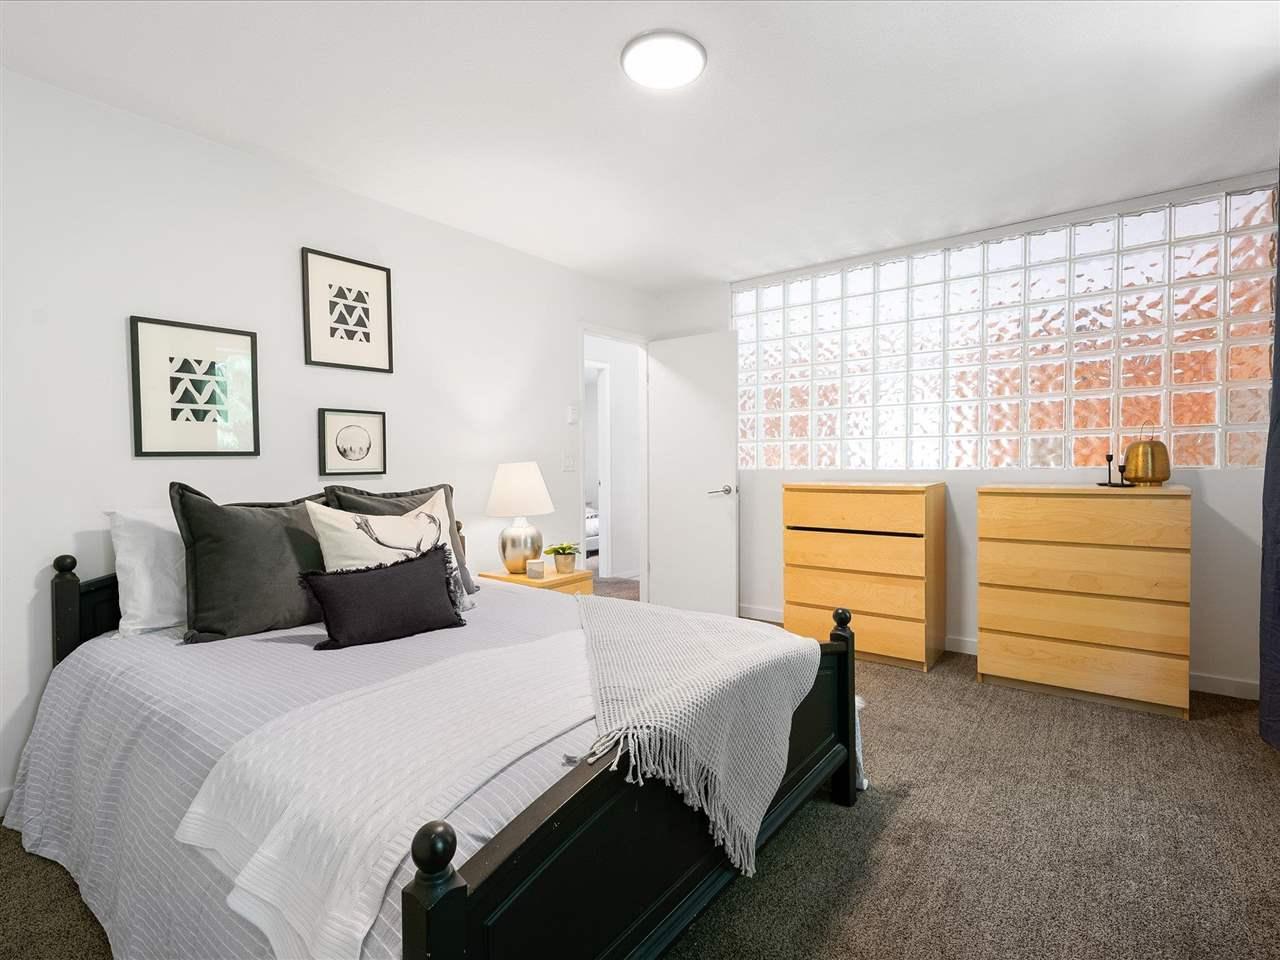 72 2222 BRANDYWINE WAY - Bayshores 1/2 Duplex for sale, 3 Bedrooms (R2591139) - #21